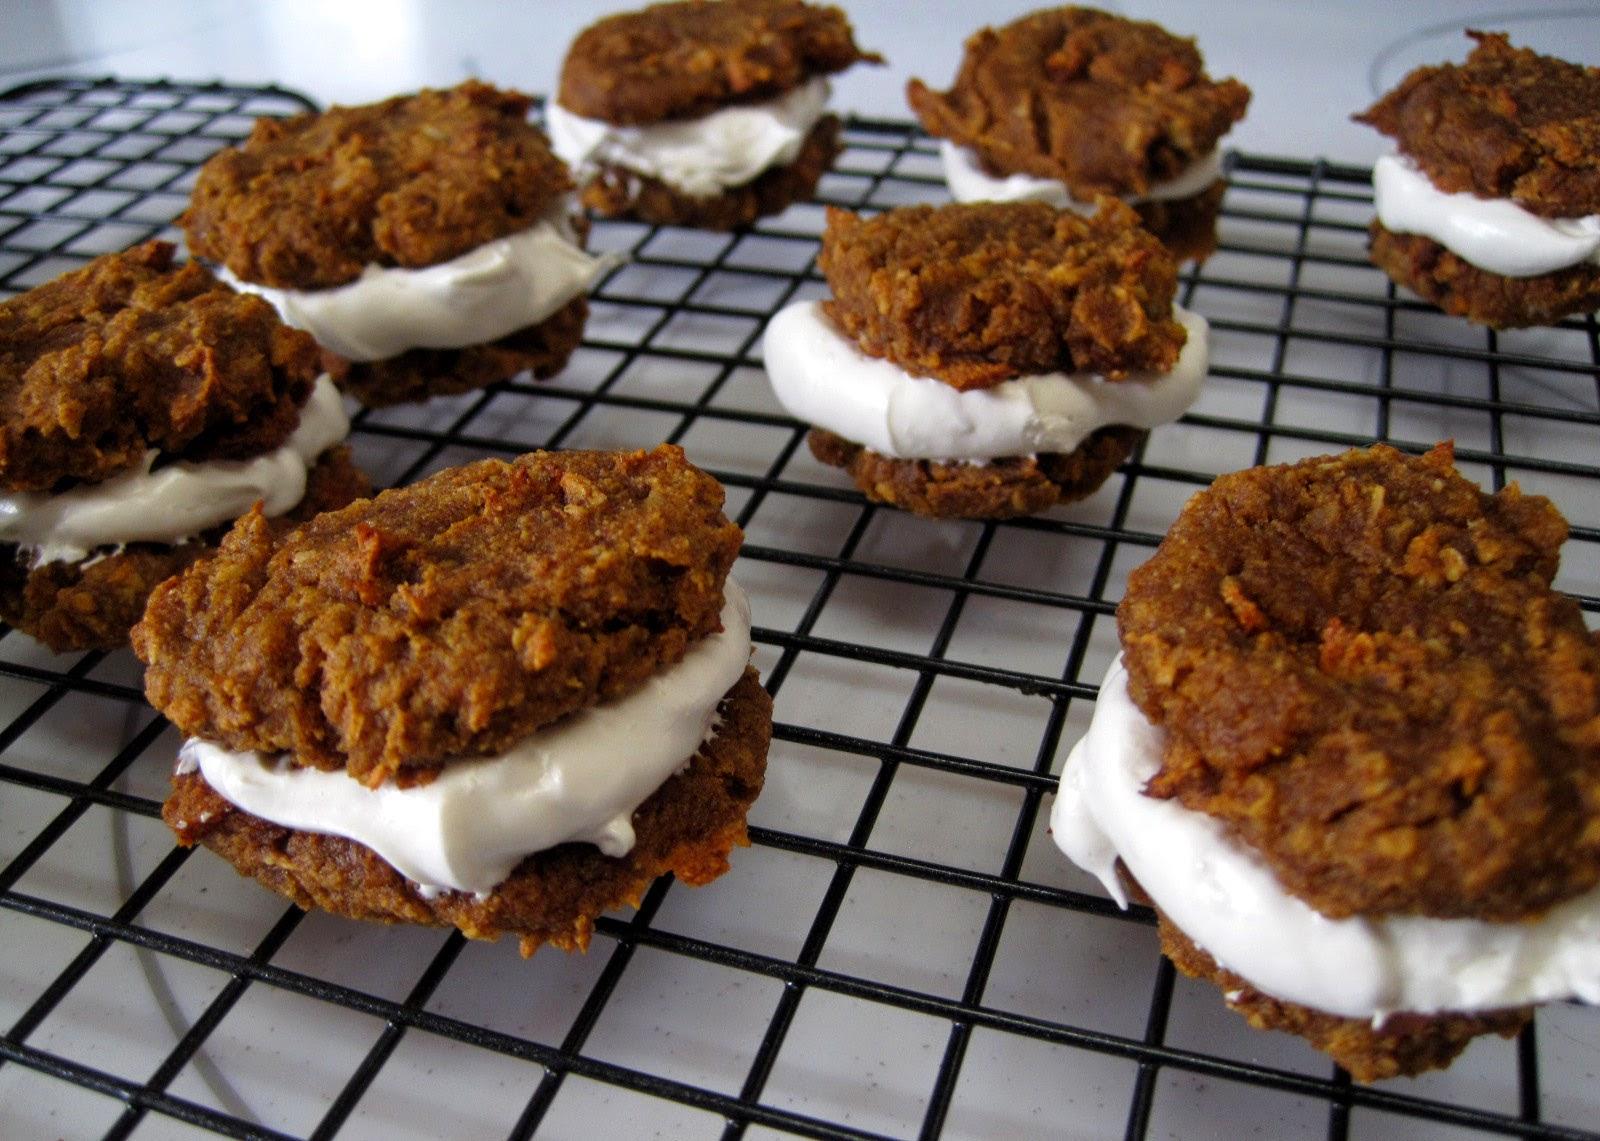 AIP cookies, n'oatmeal creme pies